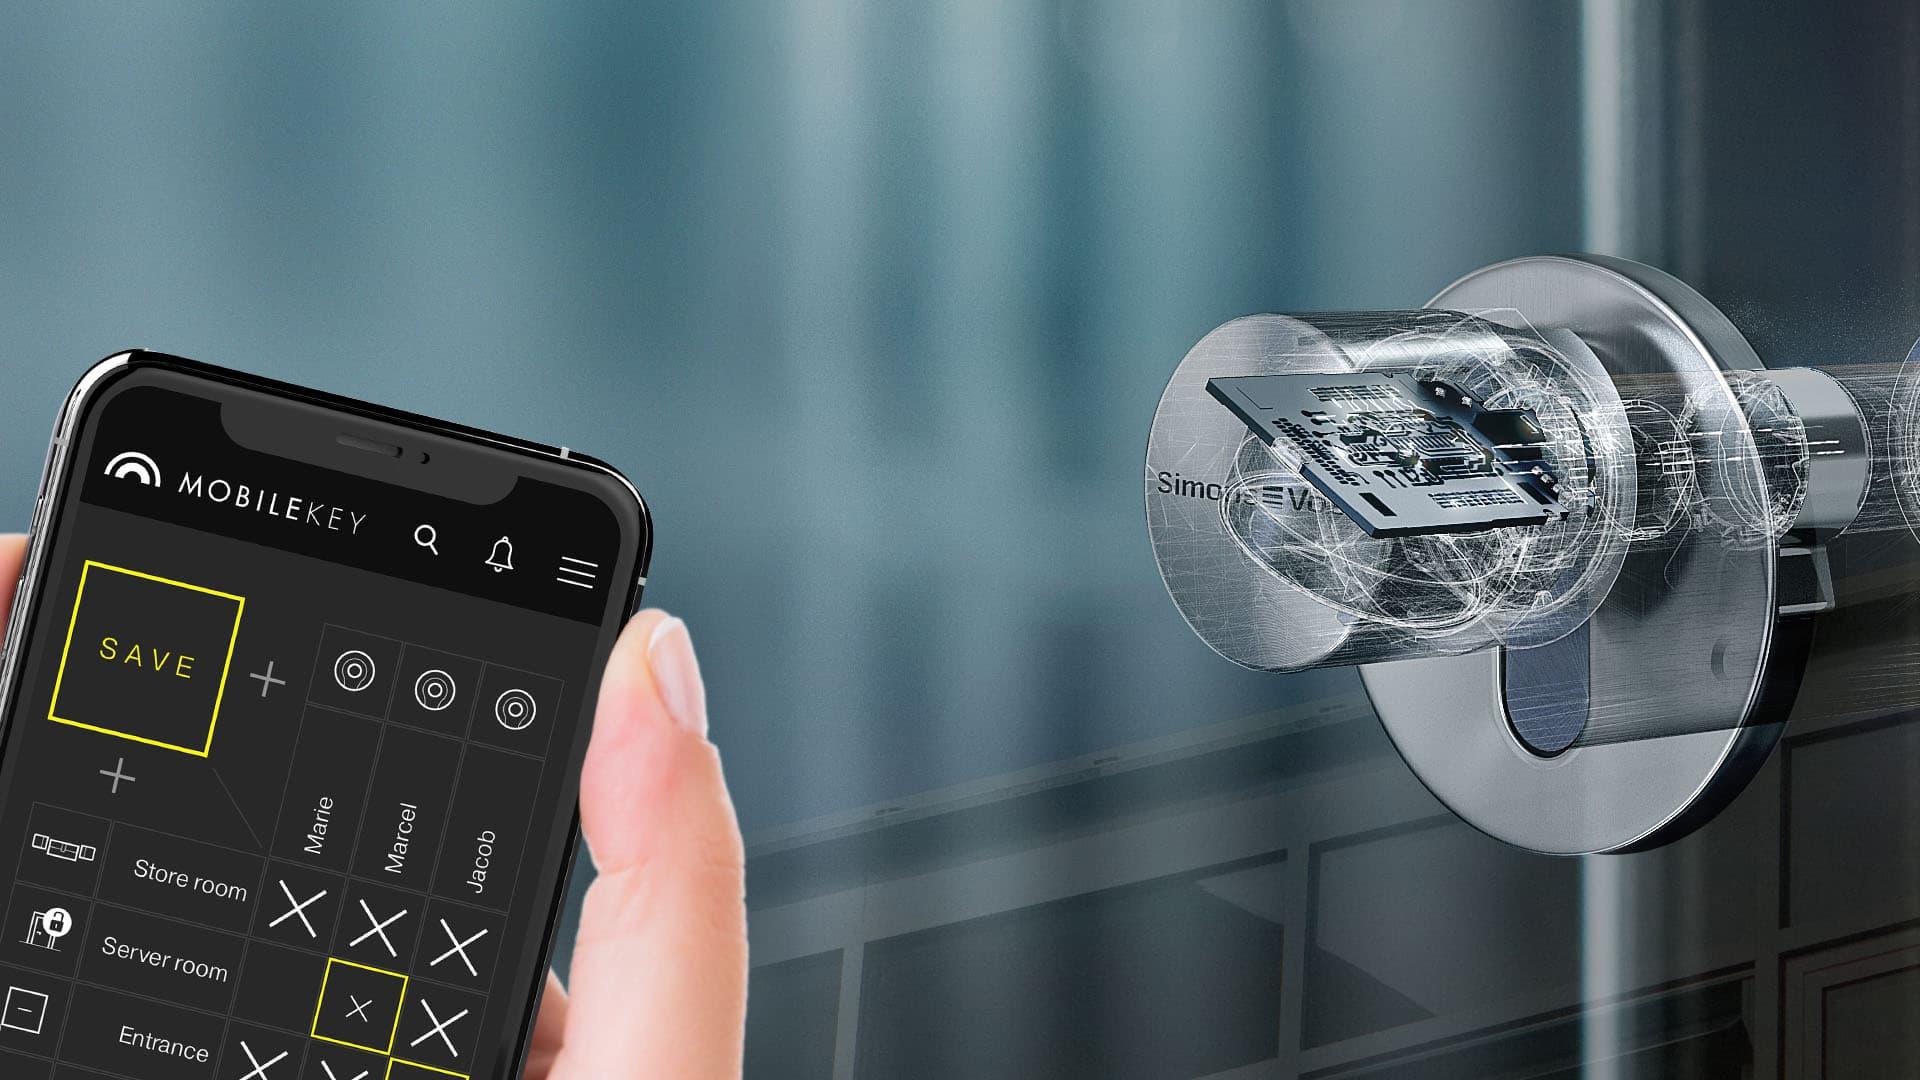 Smartphone mit MobileKey App und digitalem Schließzylinder